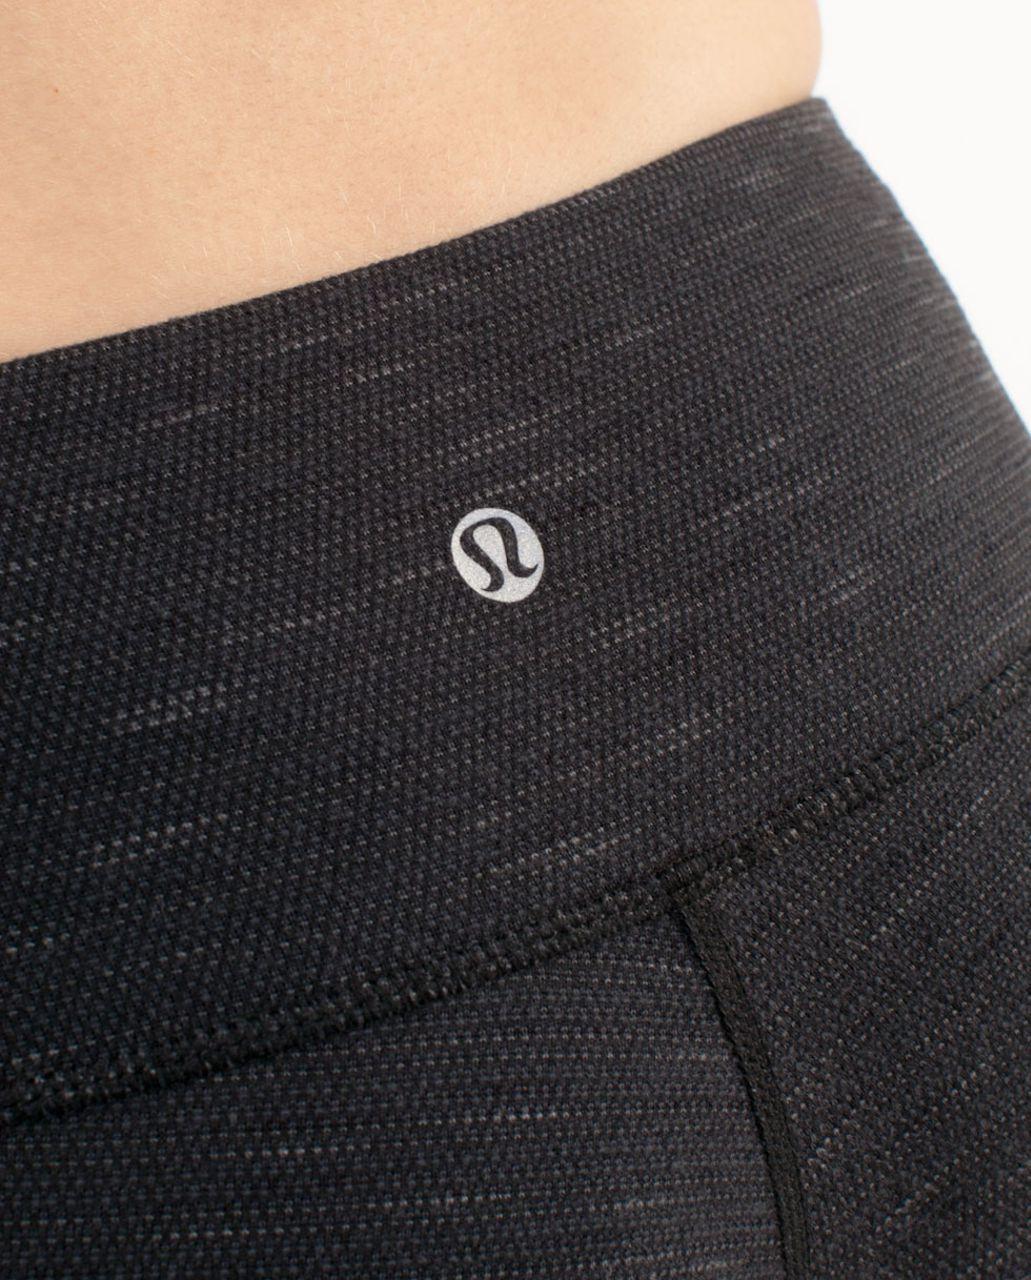 Lululemon Wunder Under Pant *Pique - Black Pique